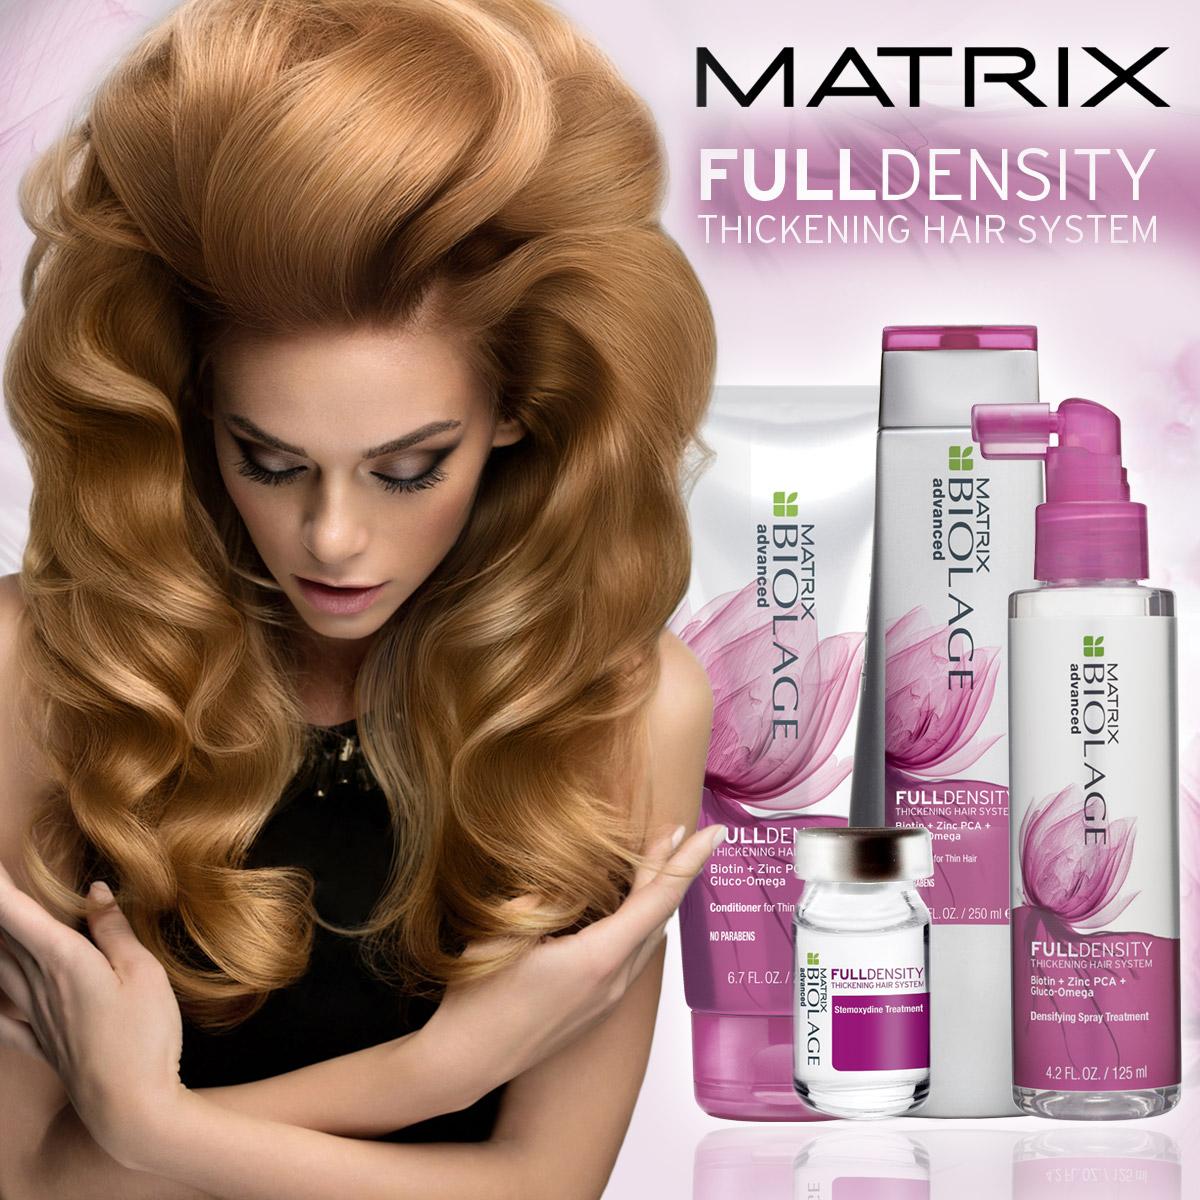 Fulldensity Biolage Advanced od Matrix odstráni vaše problémy s riedkymi vlasmi.